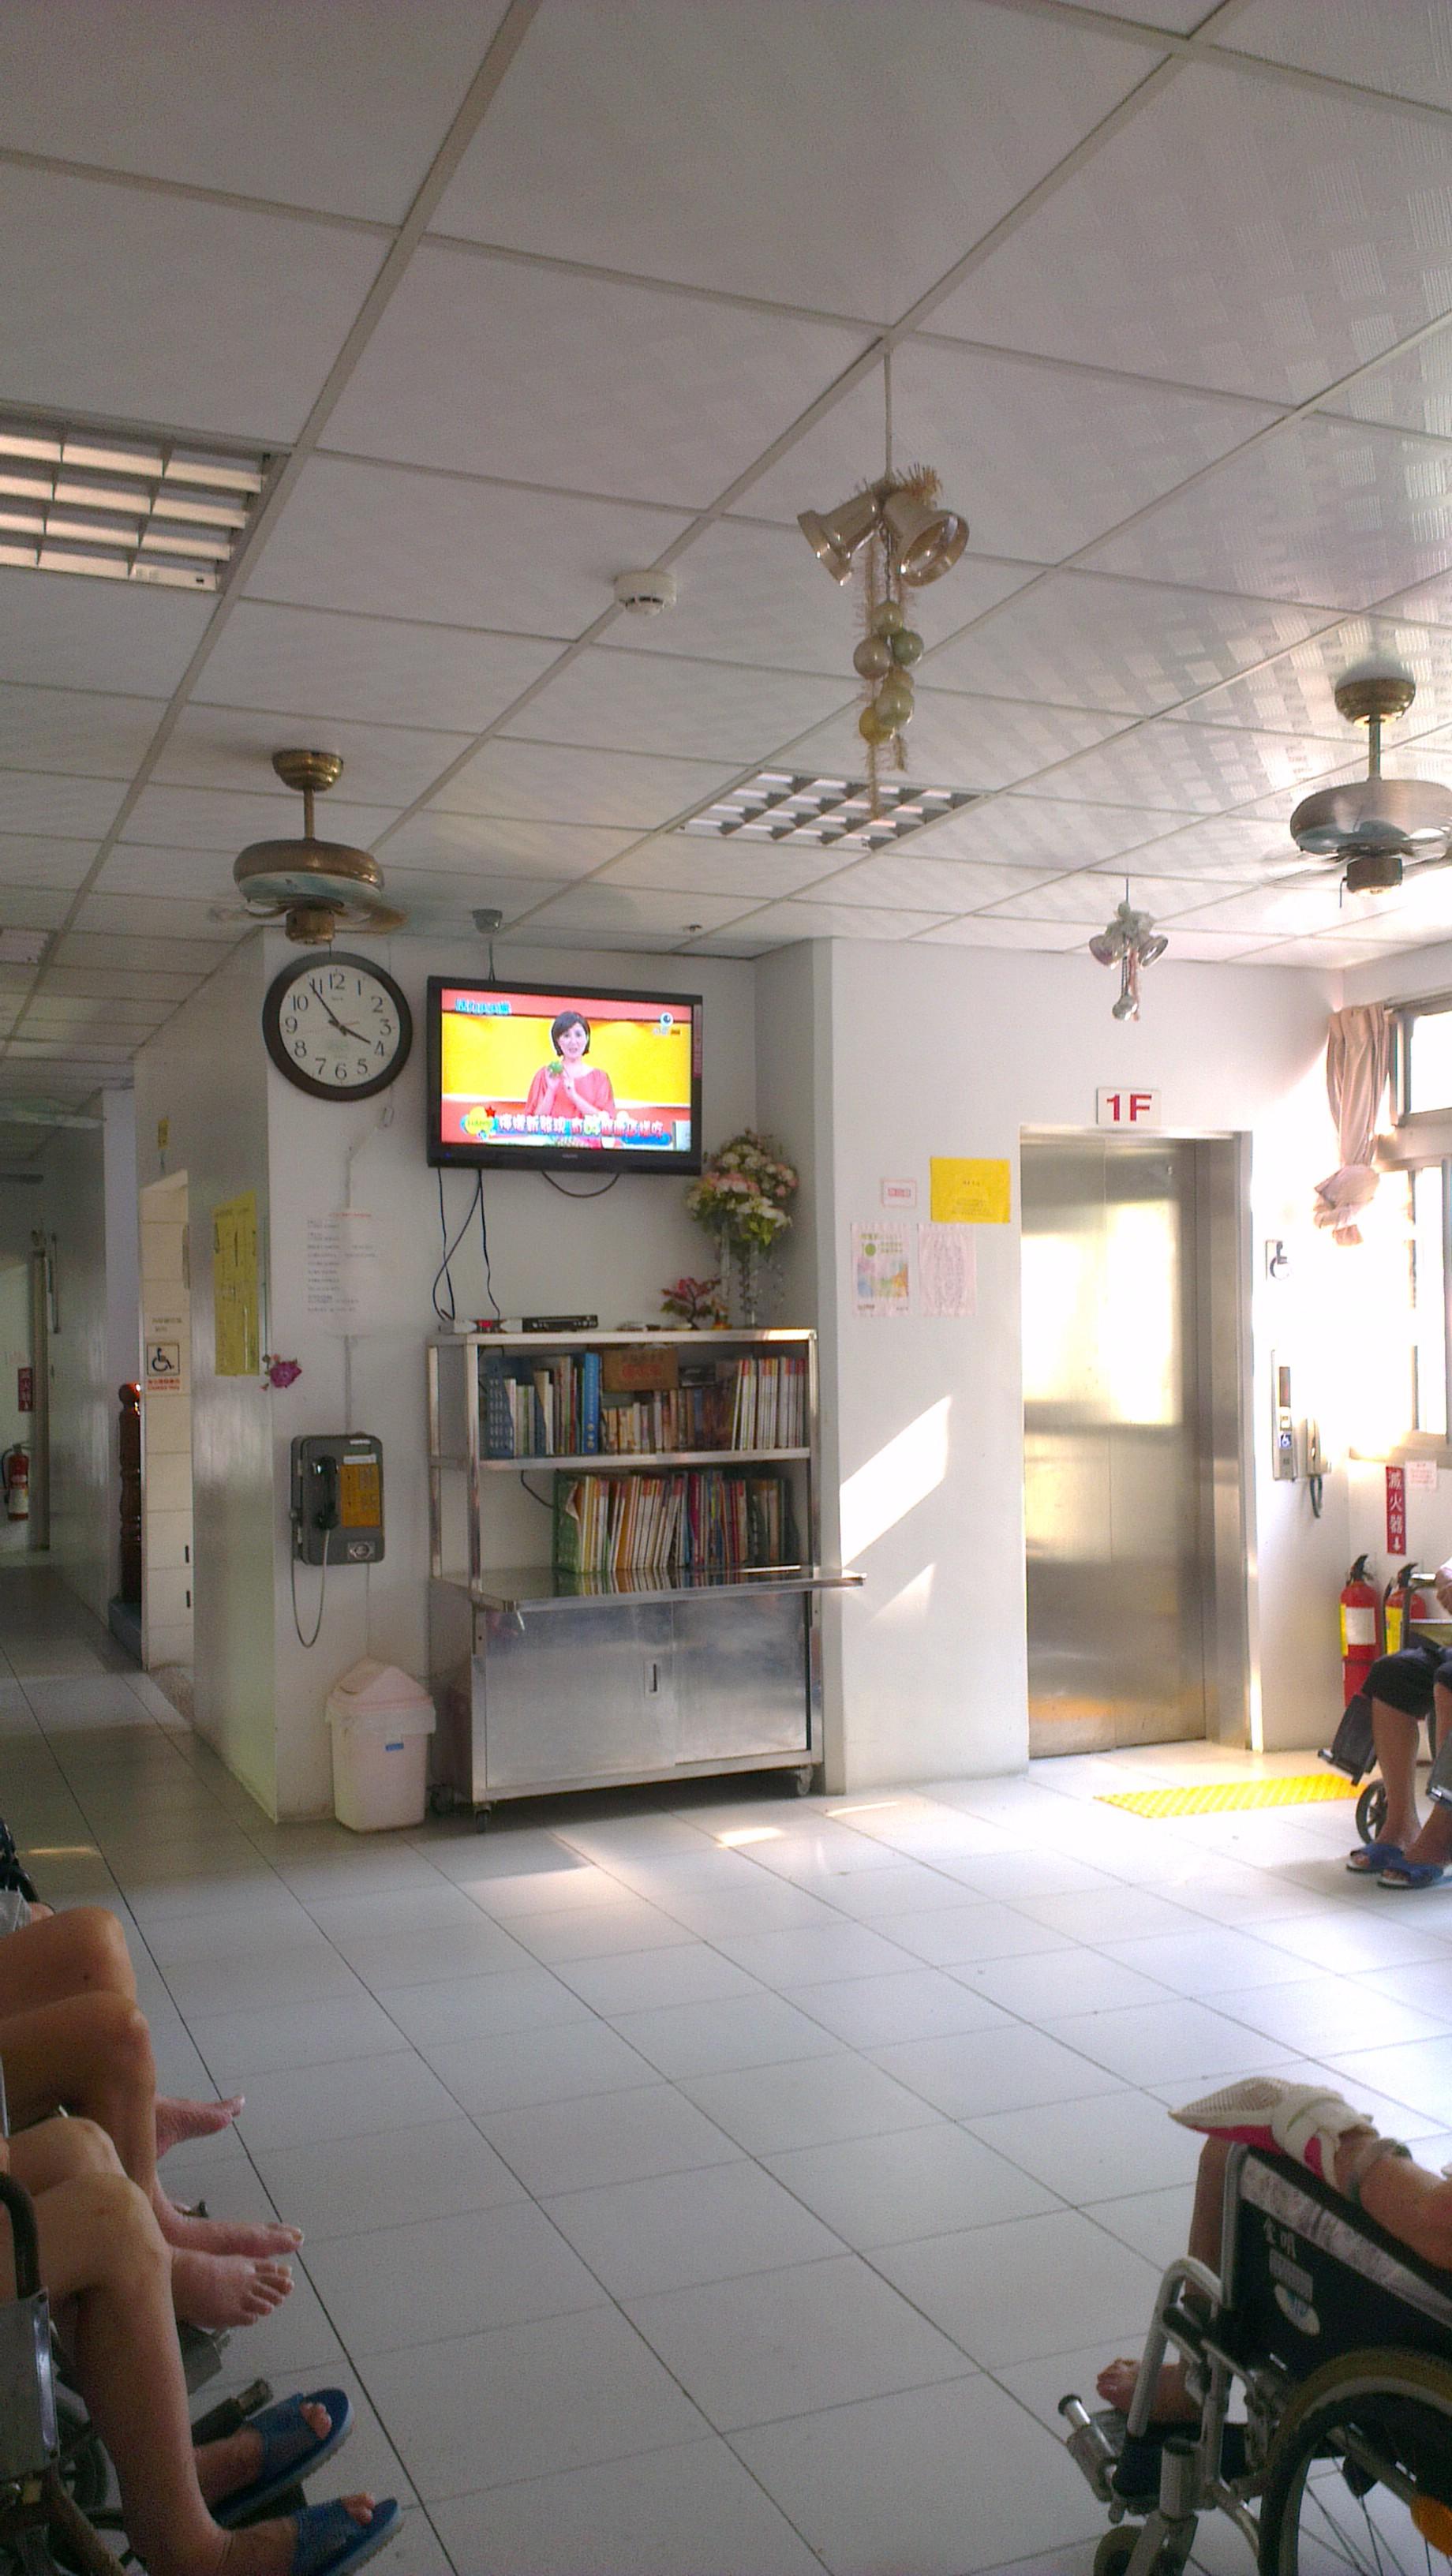 彰化縣私立北斗老人養護中心 | 彰化縣安養中心指南